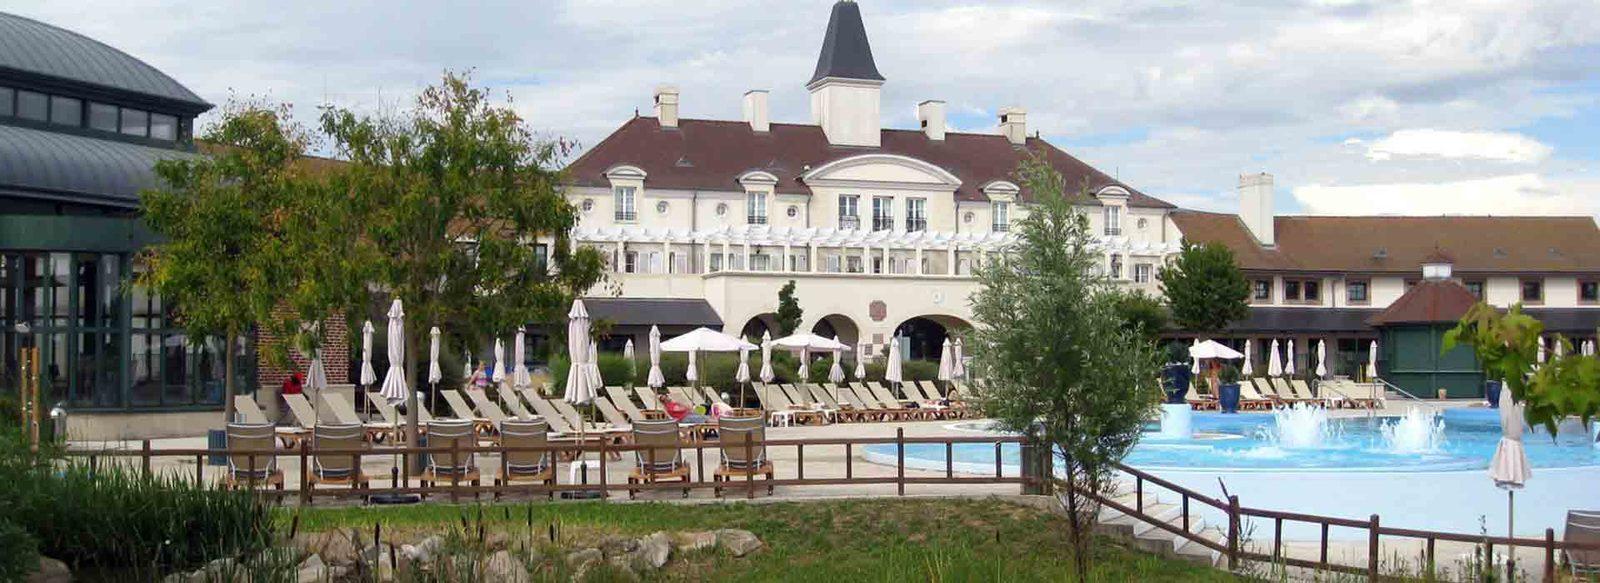 Hotel Villa La Parisienne Parigi marriott village d ile de france - 30% discount on marriott